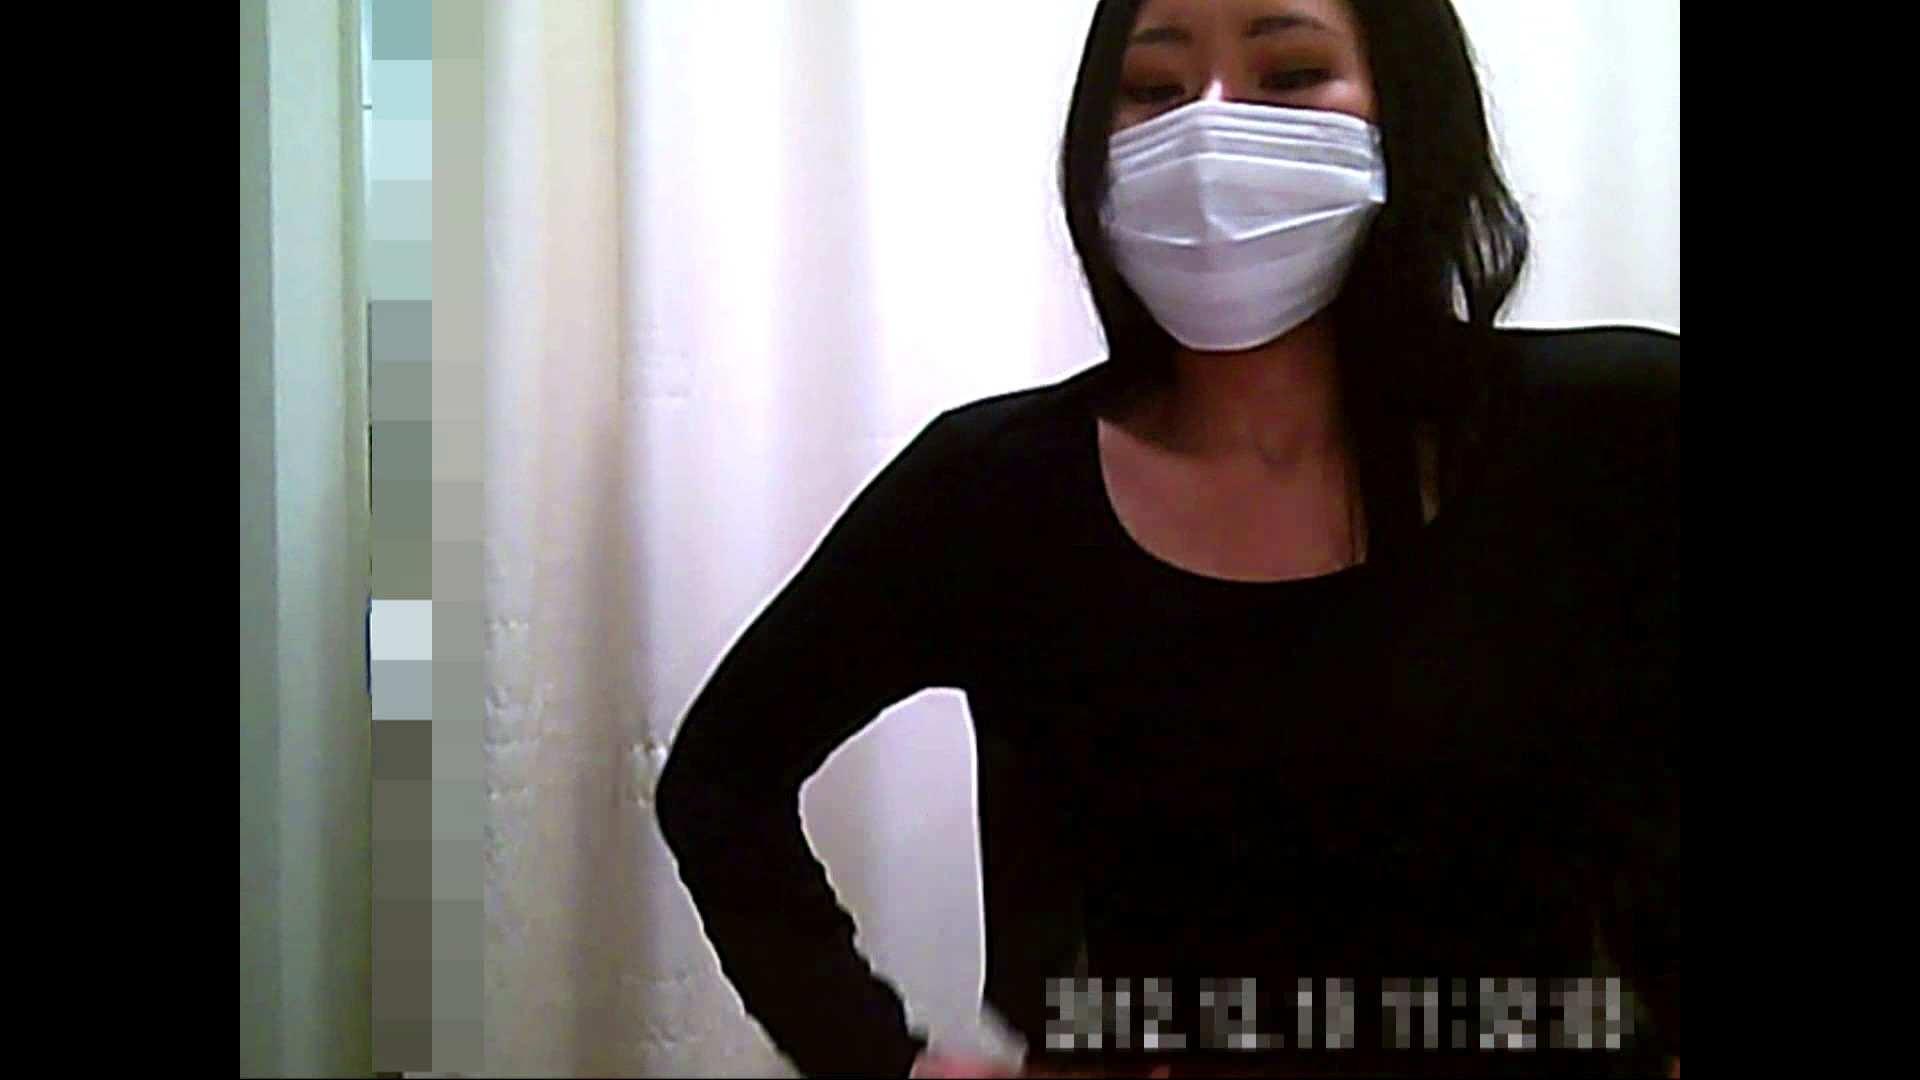 病院おもいっきり着替え! vol.172 盗撮特集 AV無料動画キャプチャ 102画像 66